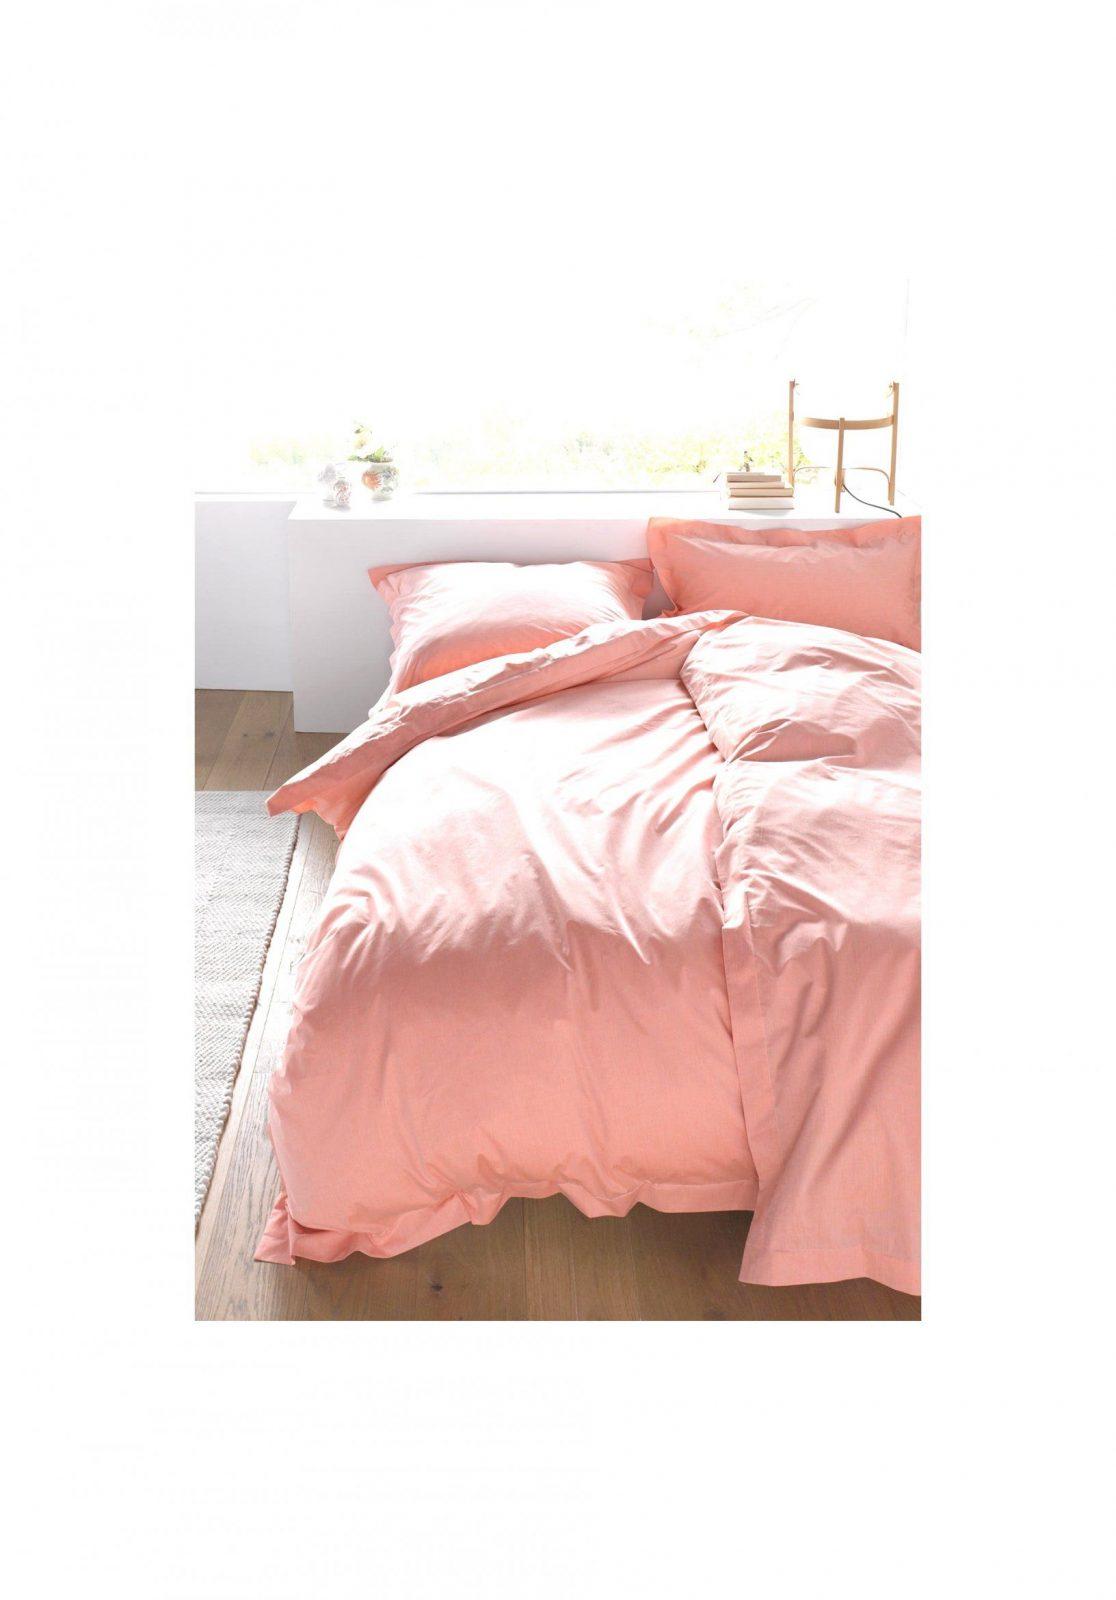 Fabelhafte Ideen Bettwäsche Hersteller Und Angenehme Aus Deutschland von Dormia Bettwäsche Hersteller Bild